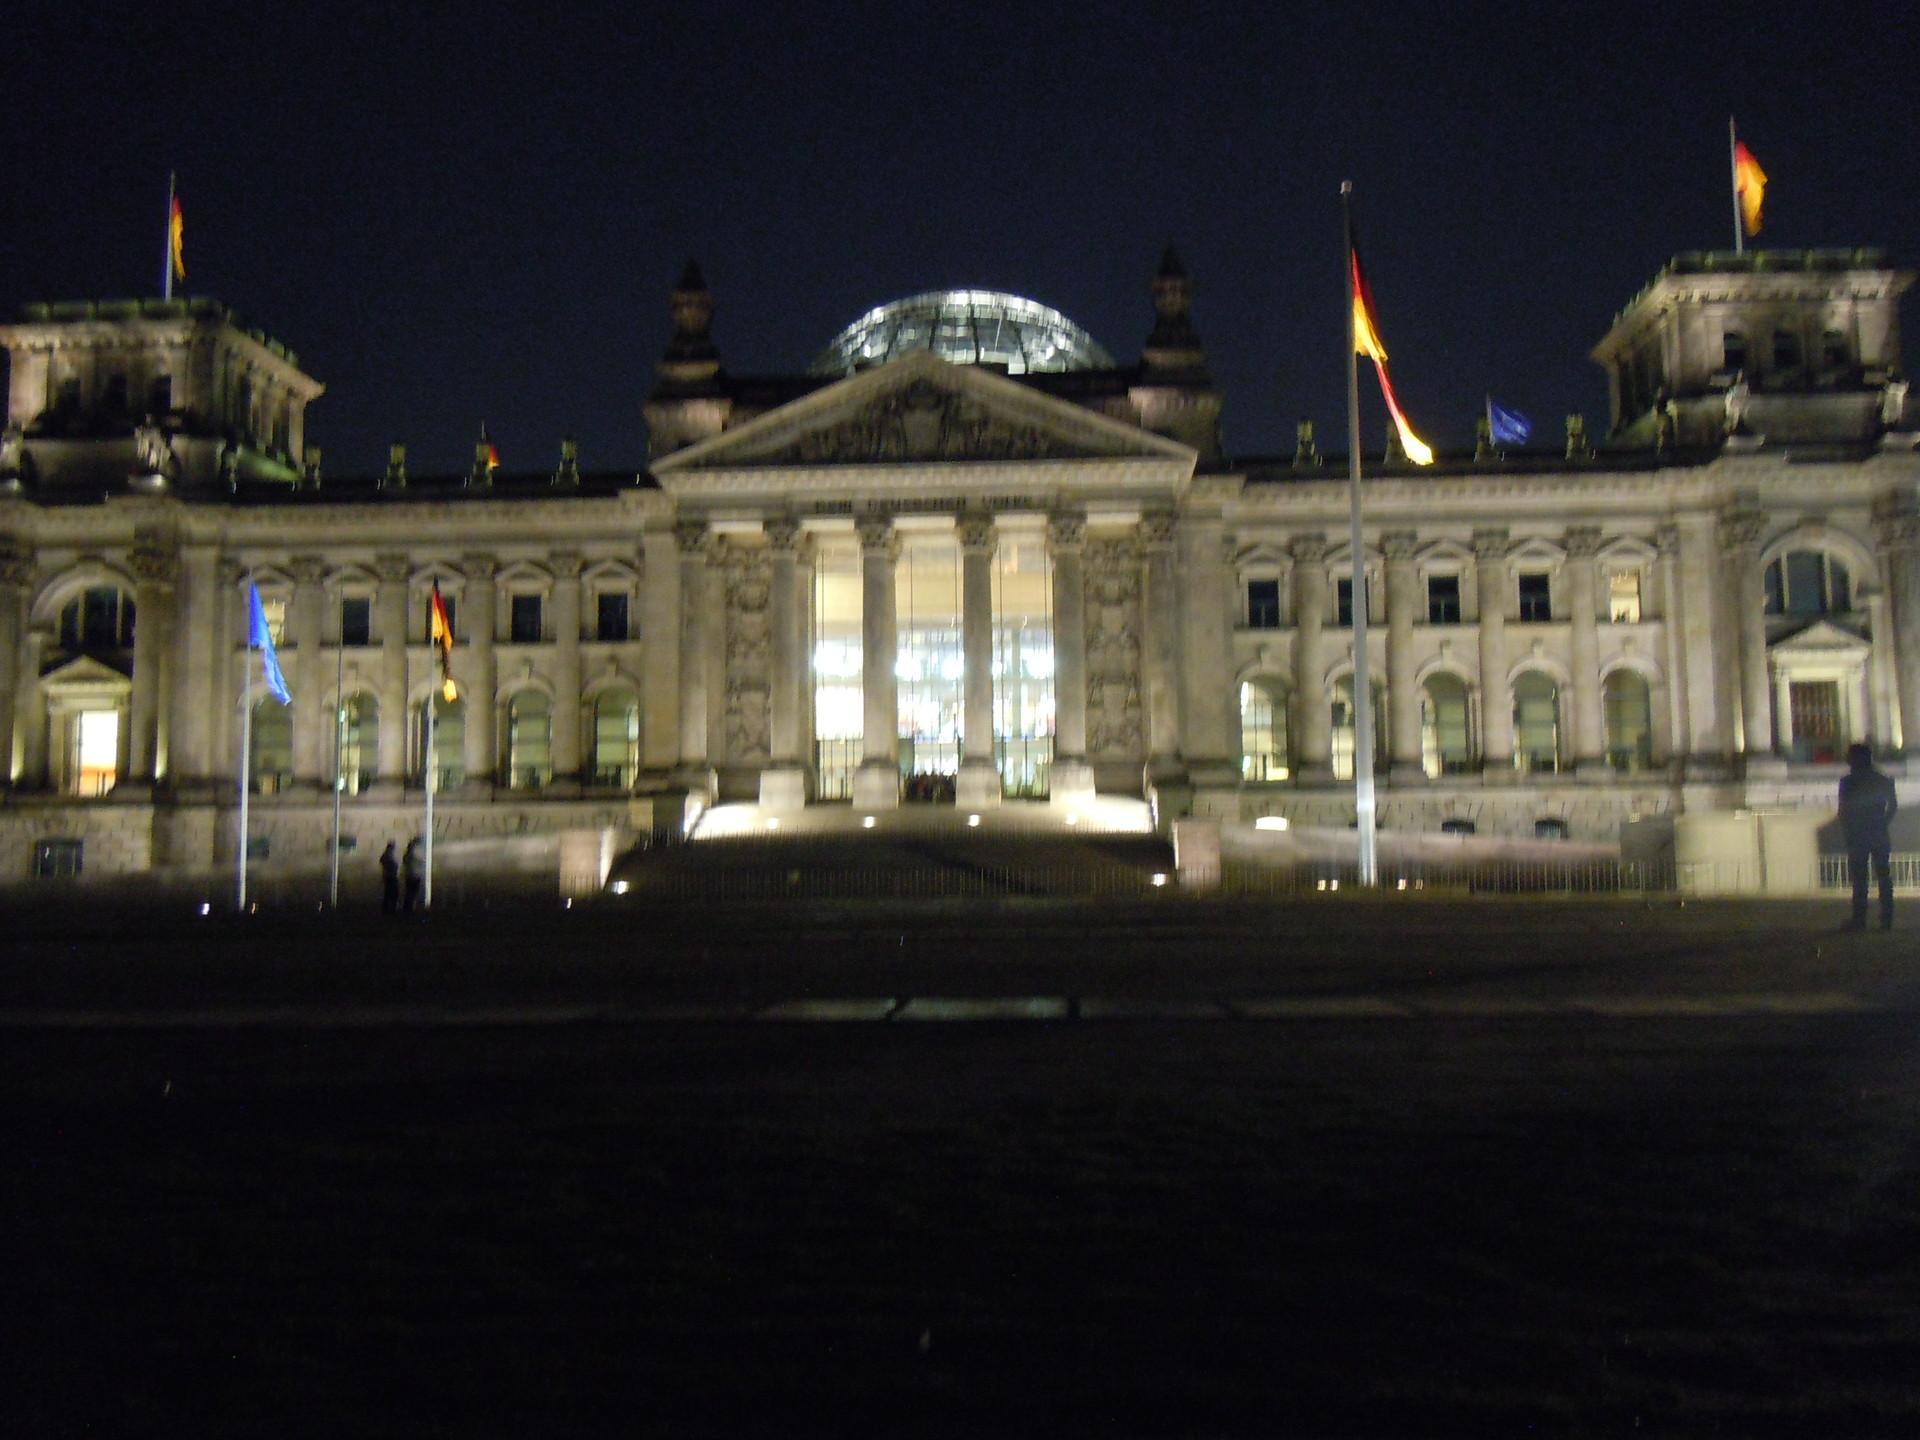 descubriendo-berlin-3-7362c068c5593246d4